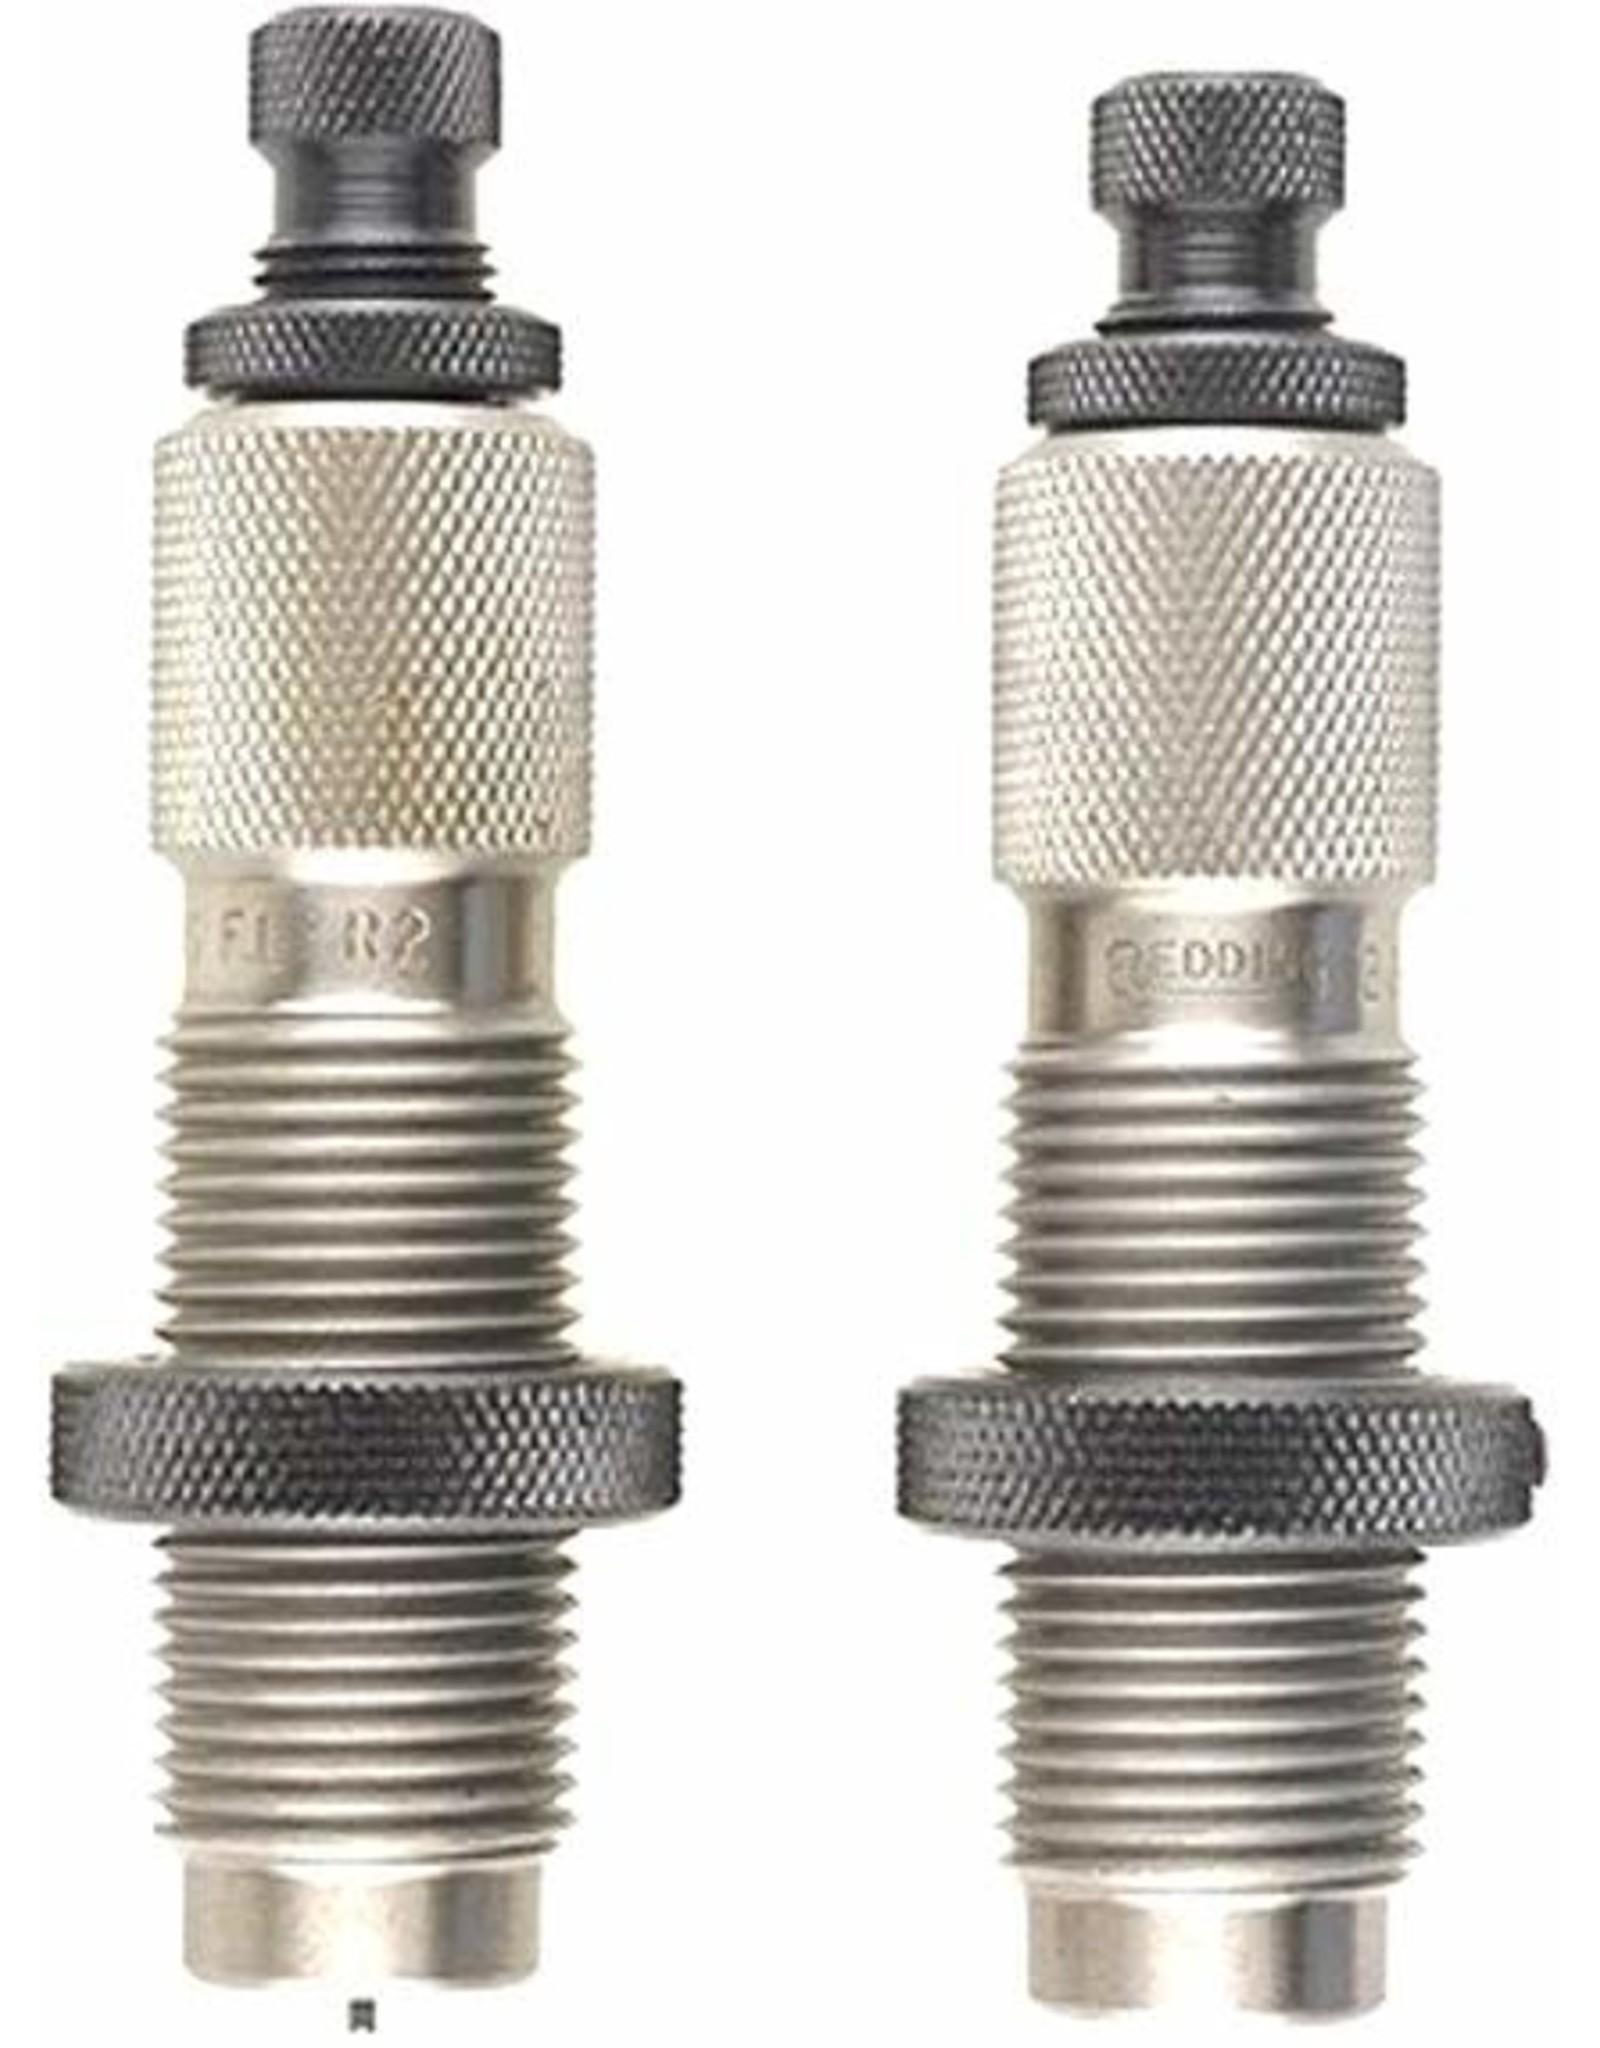 Redding Used Redding 2-Die Set - 7mm TCU